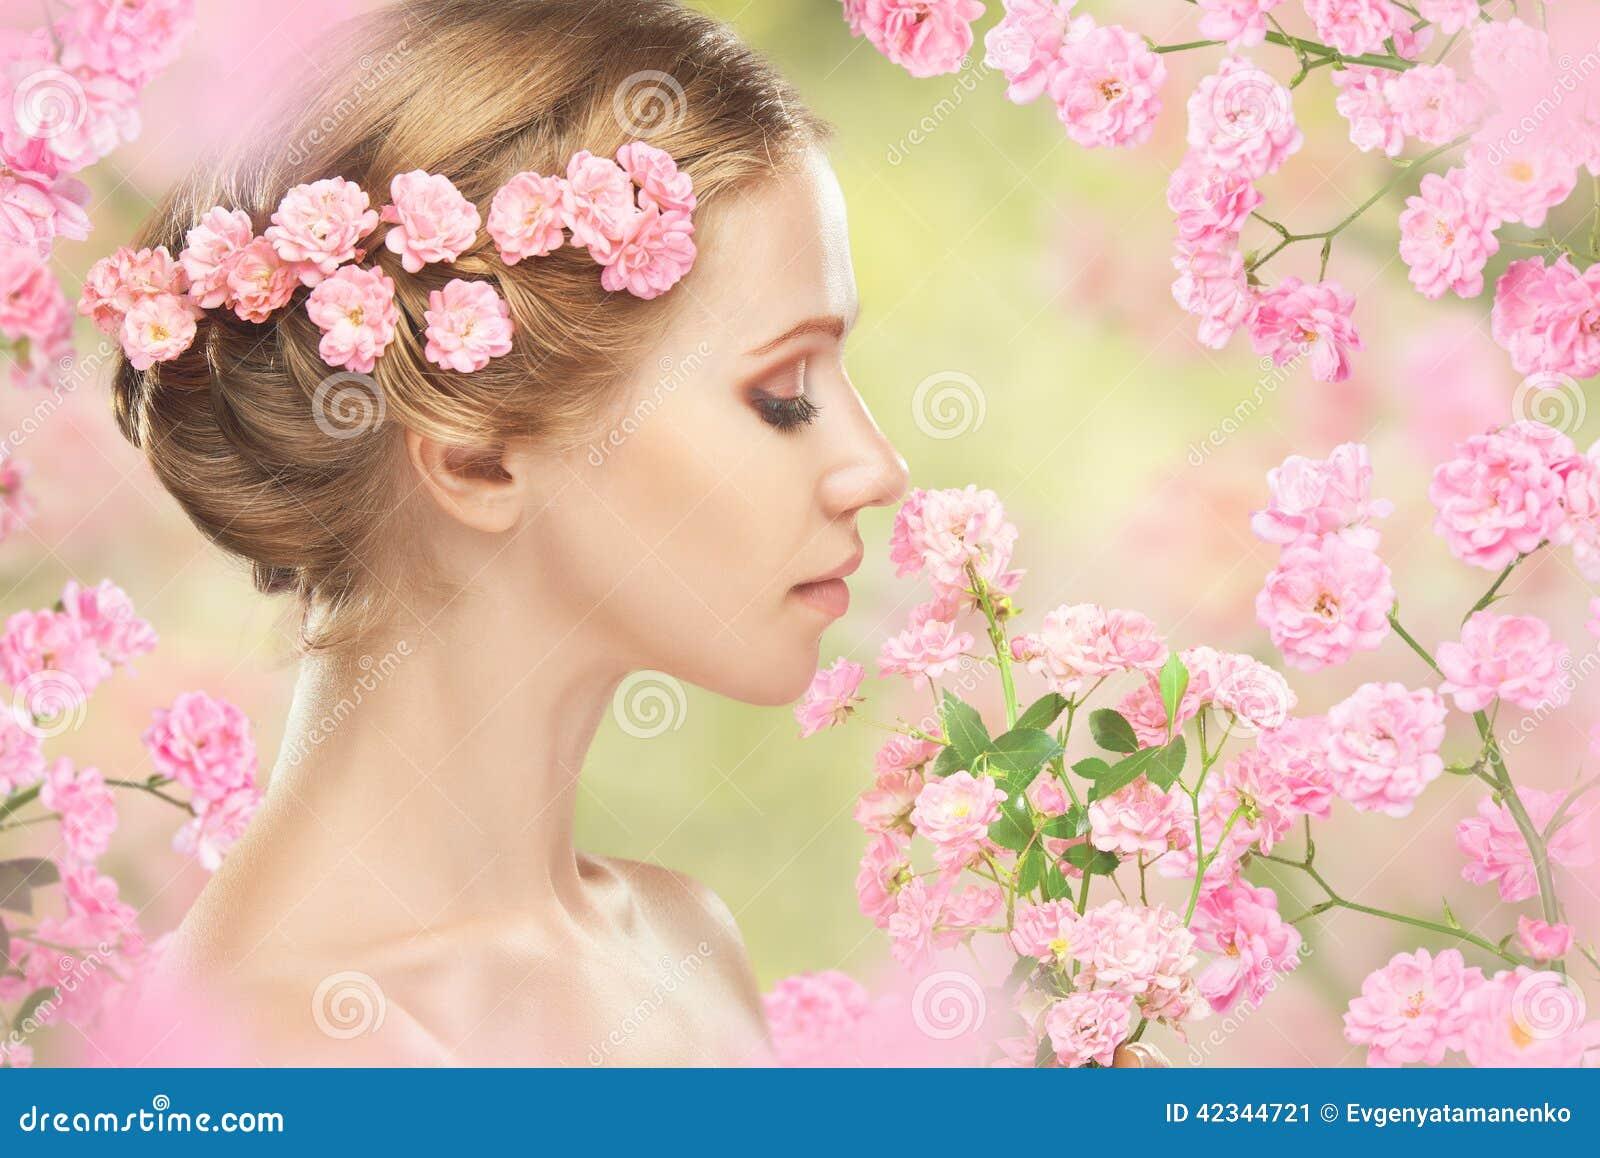 Gezicht van jonge mooie vrouw met roze bloemen in haar haar